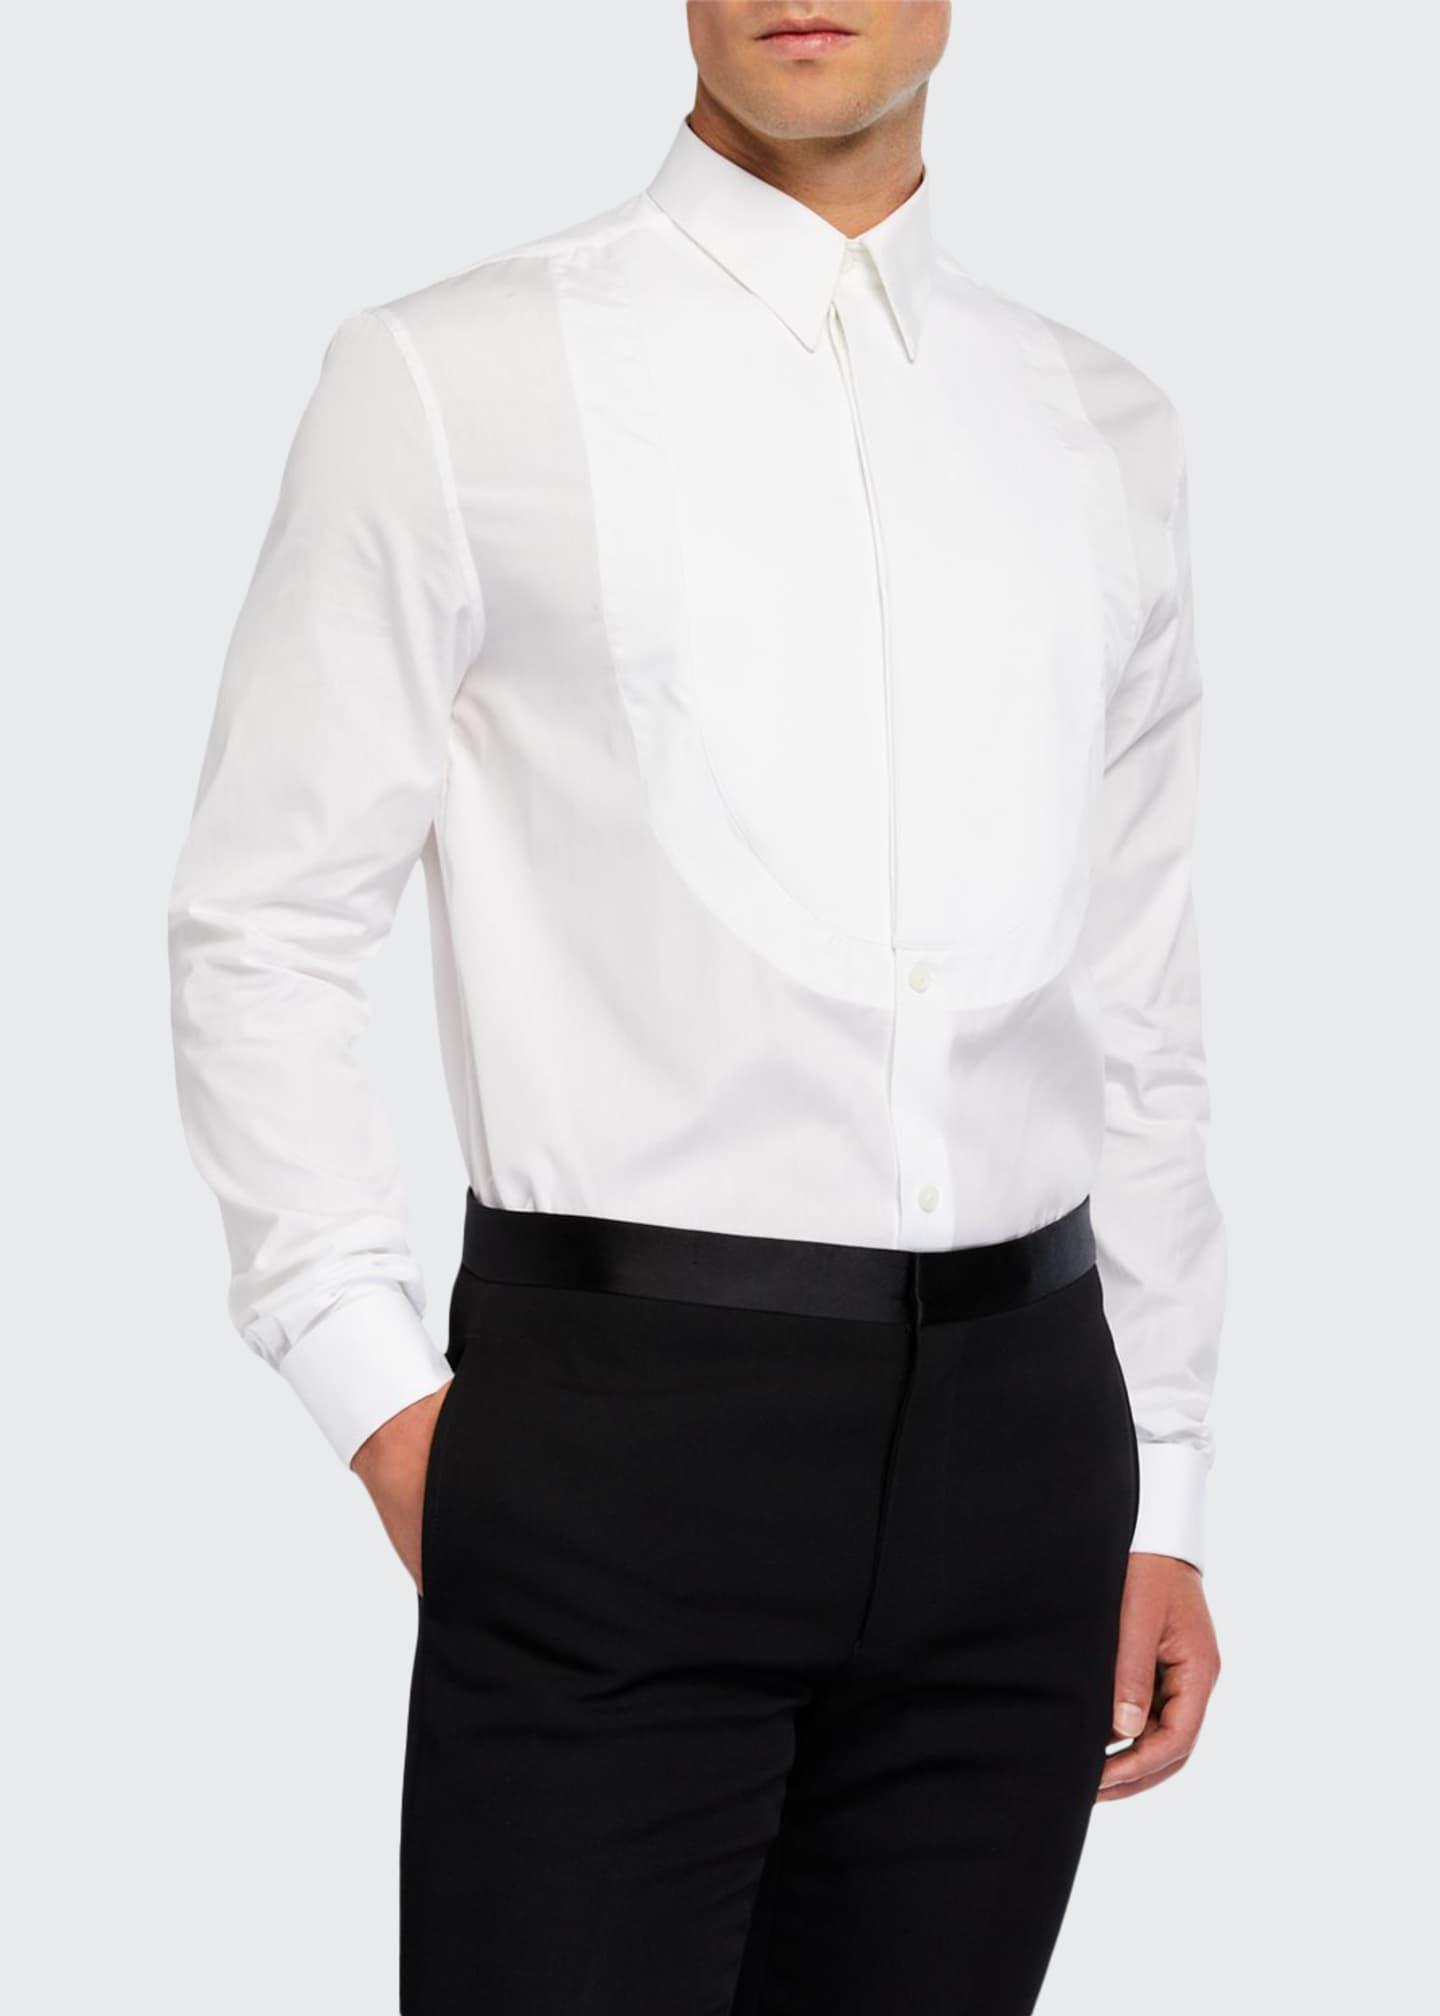 Givenchy Men's Pique Plastron-Front Tuxedo Shirt